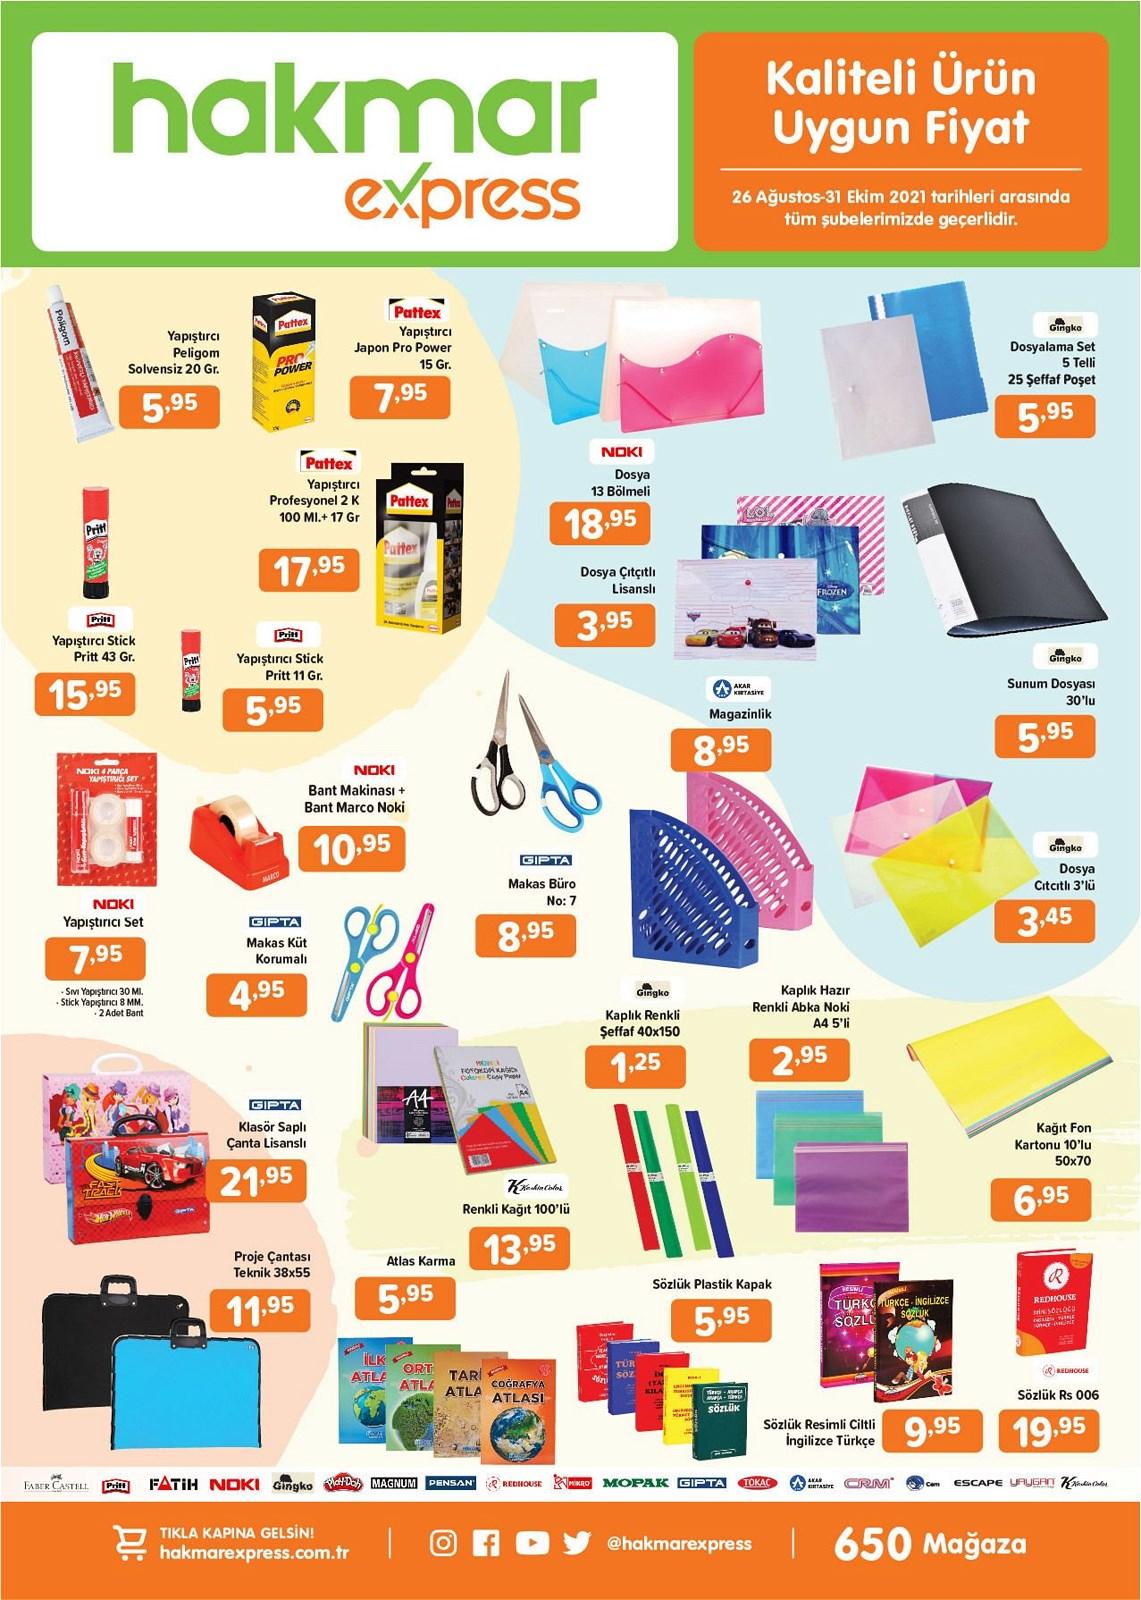 26.08.2021 Hakmar Express broşürü 7. sayfa